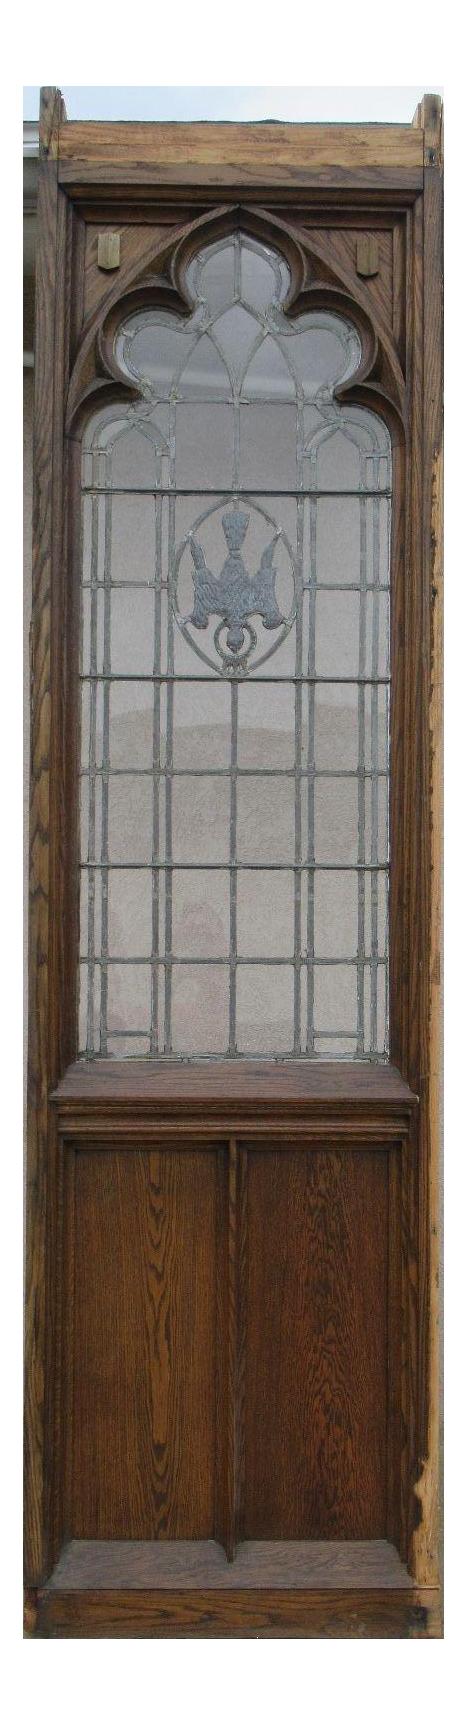 Antique Church Lead Glass Window Door Chairish